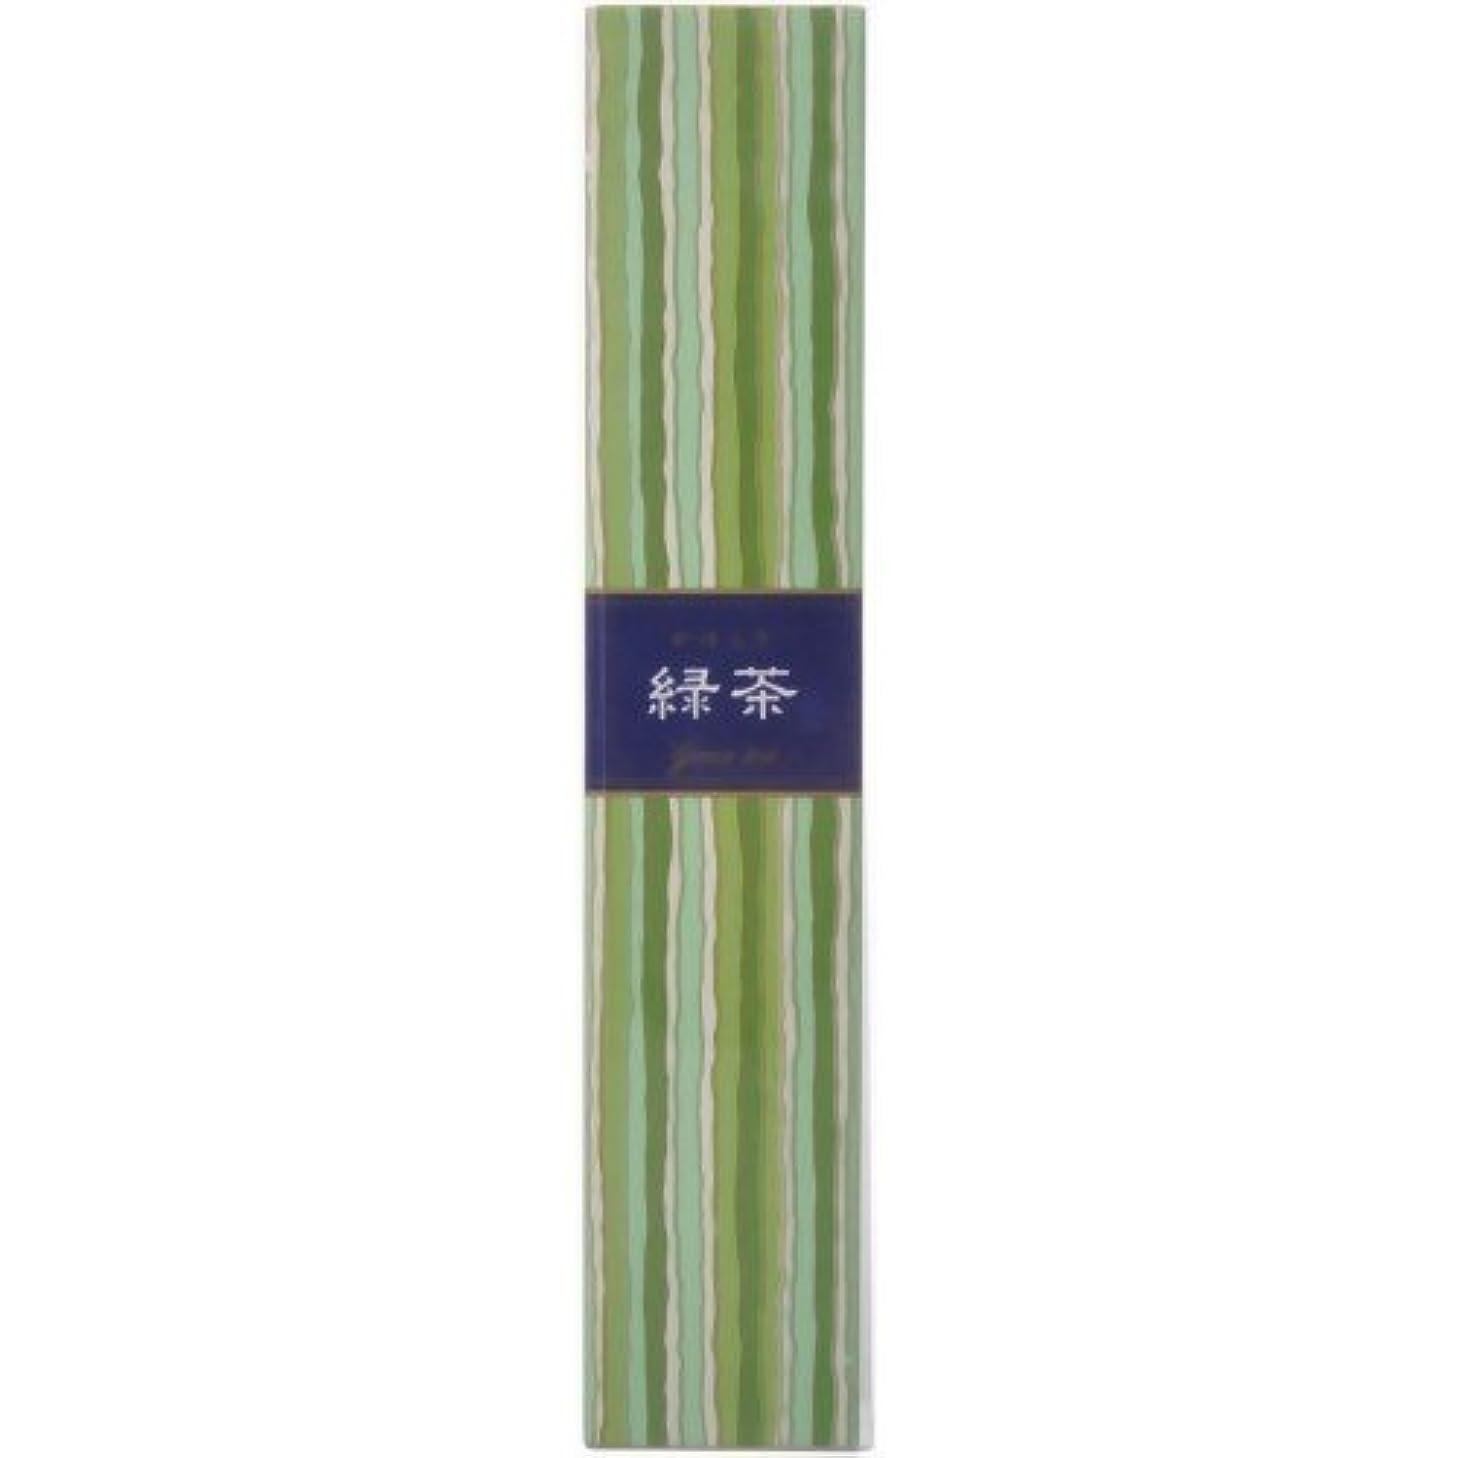 大声で膨張するペレグリネーションかゆらぎ スティック 緑茶40本 × 10個セット